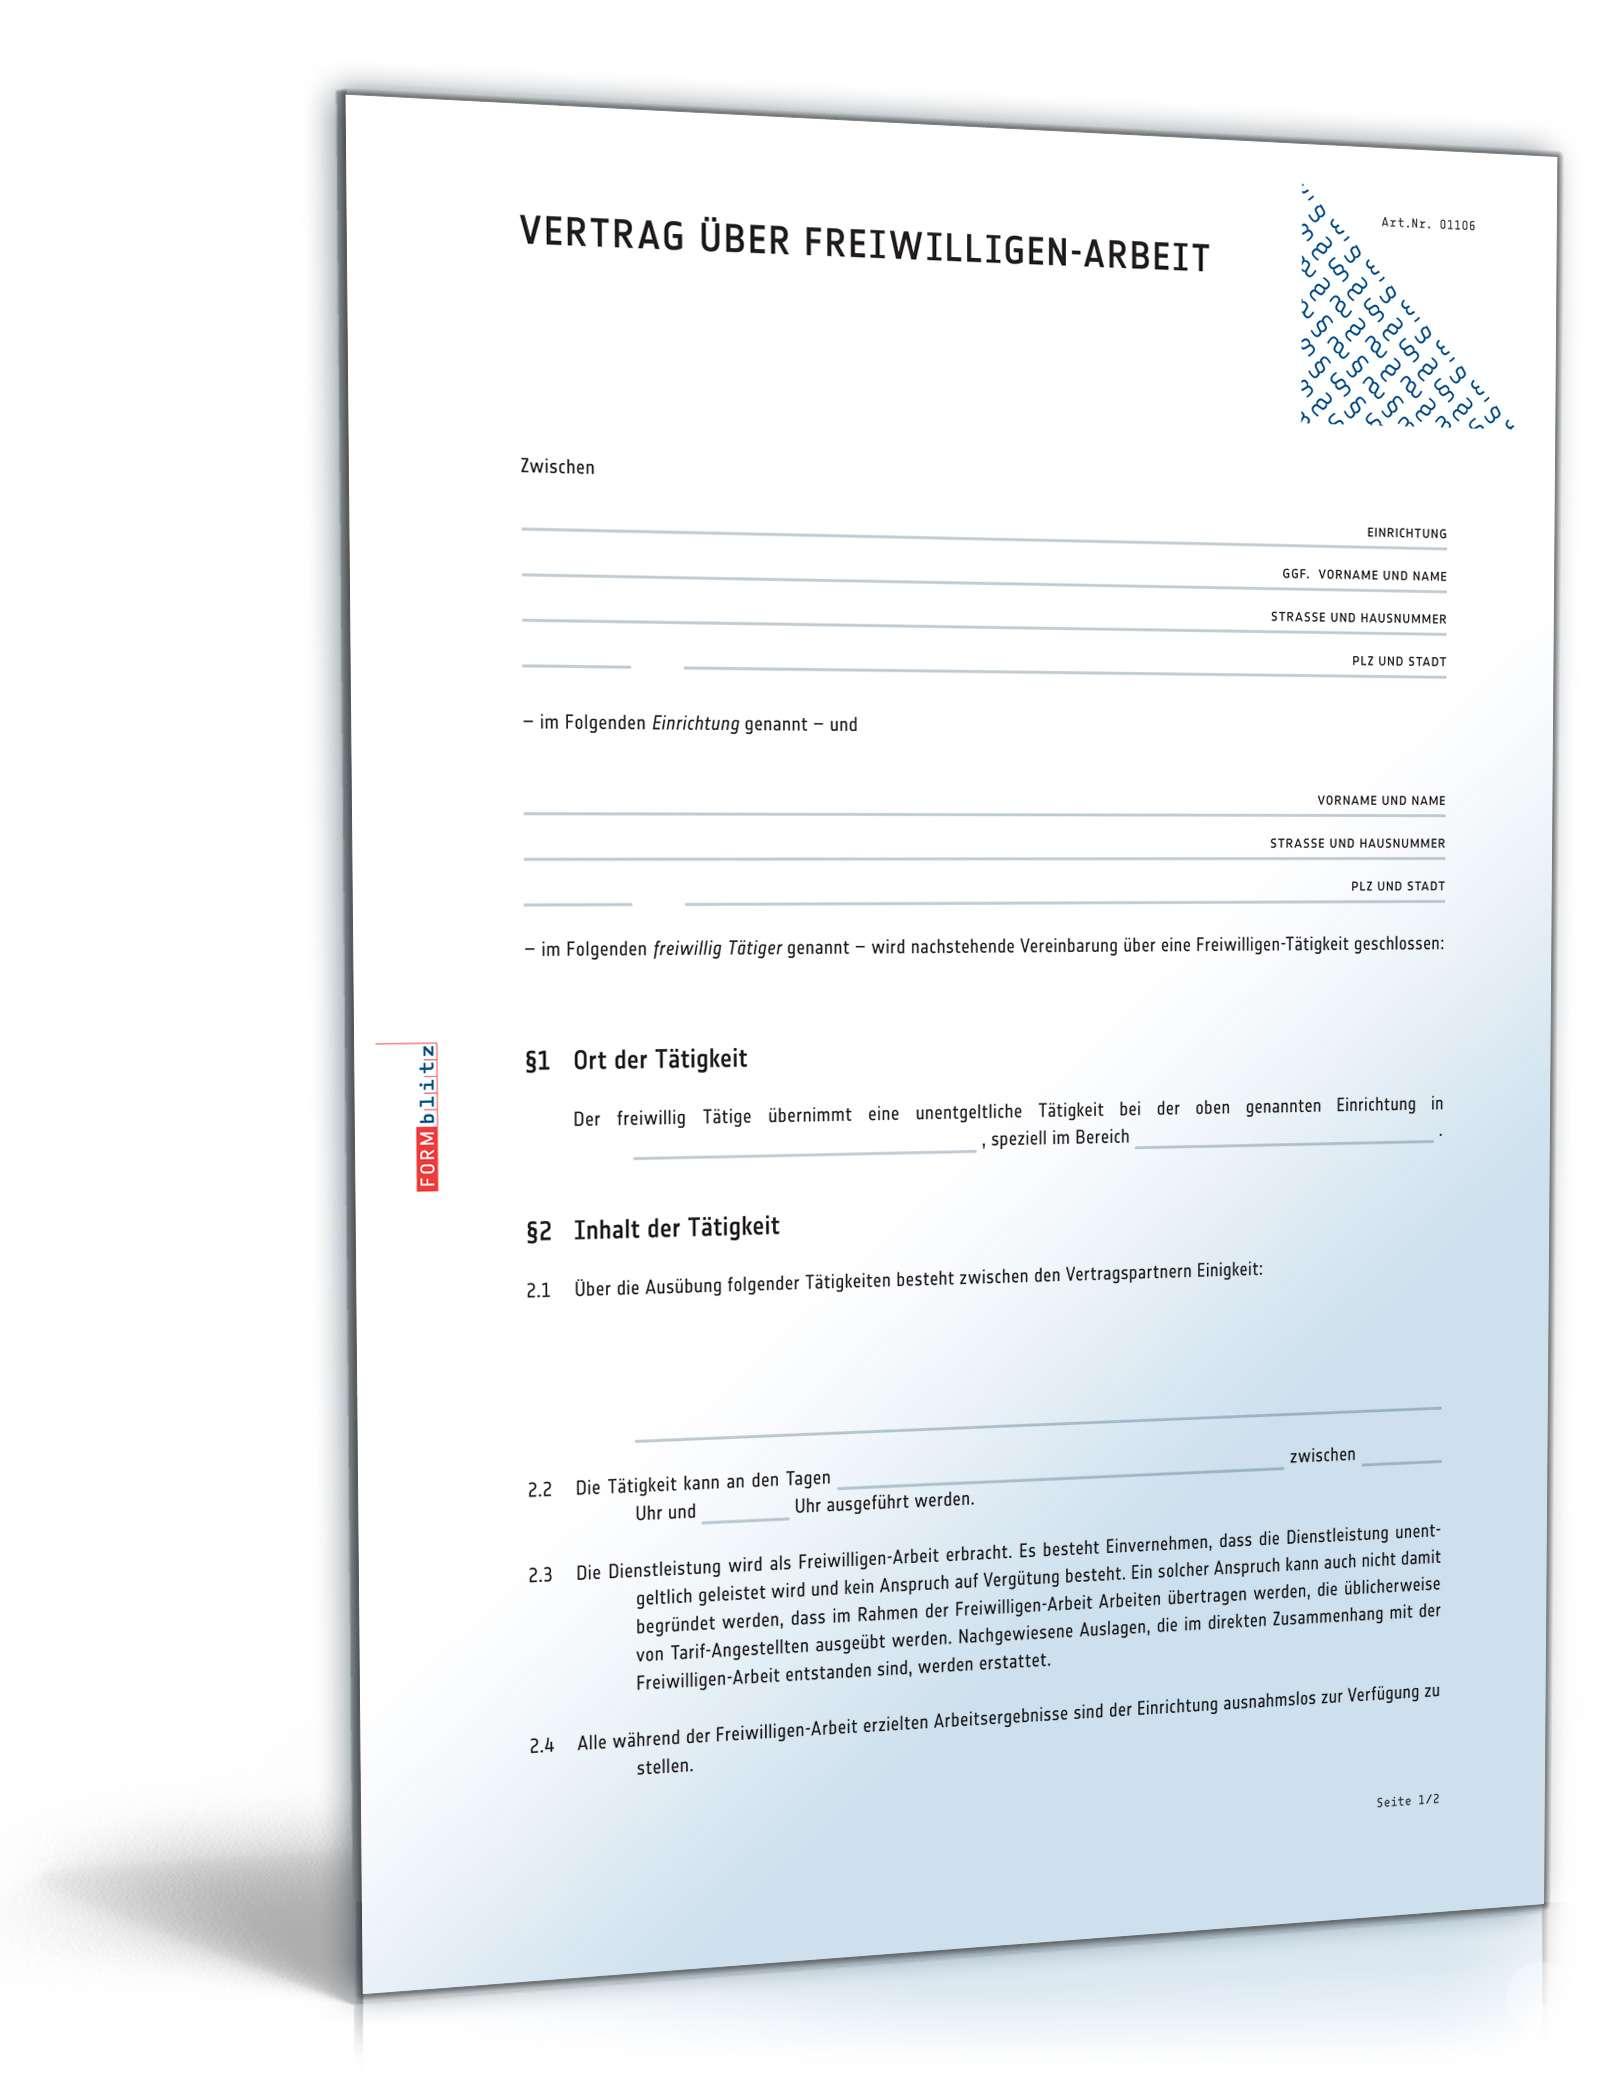 Ehrenamtsvertrag bzw. Vertrag über Freiwilligen-Arbeit